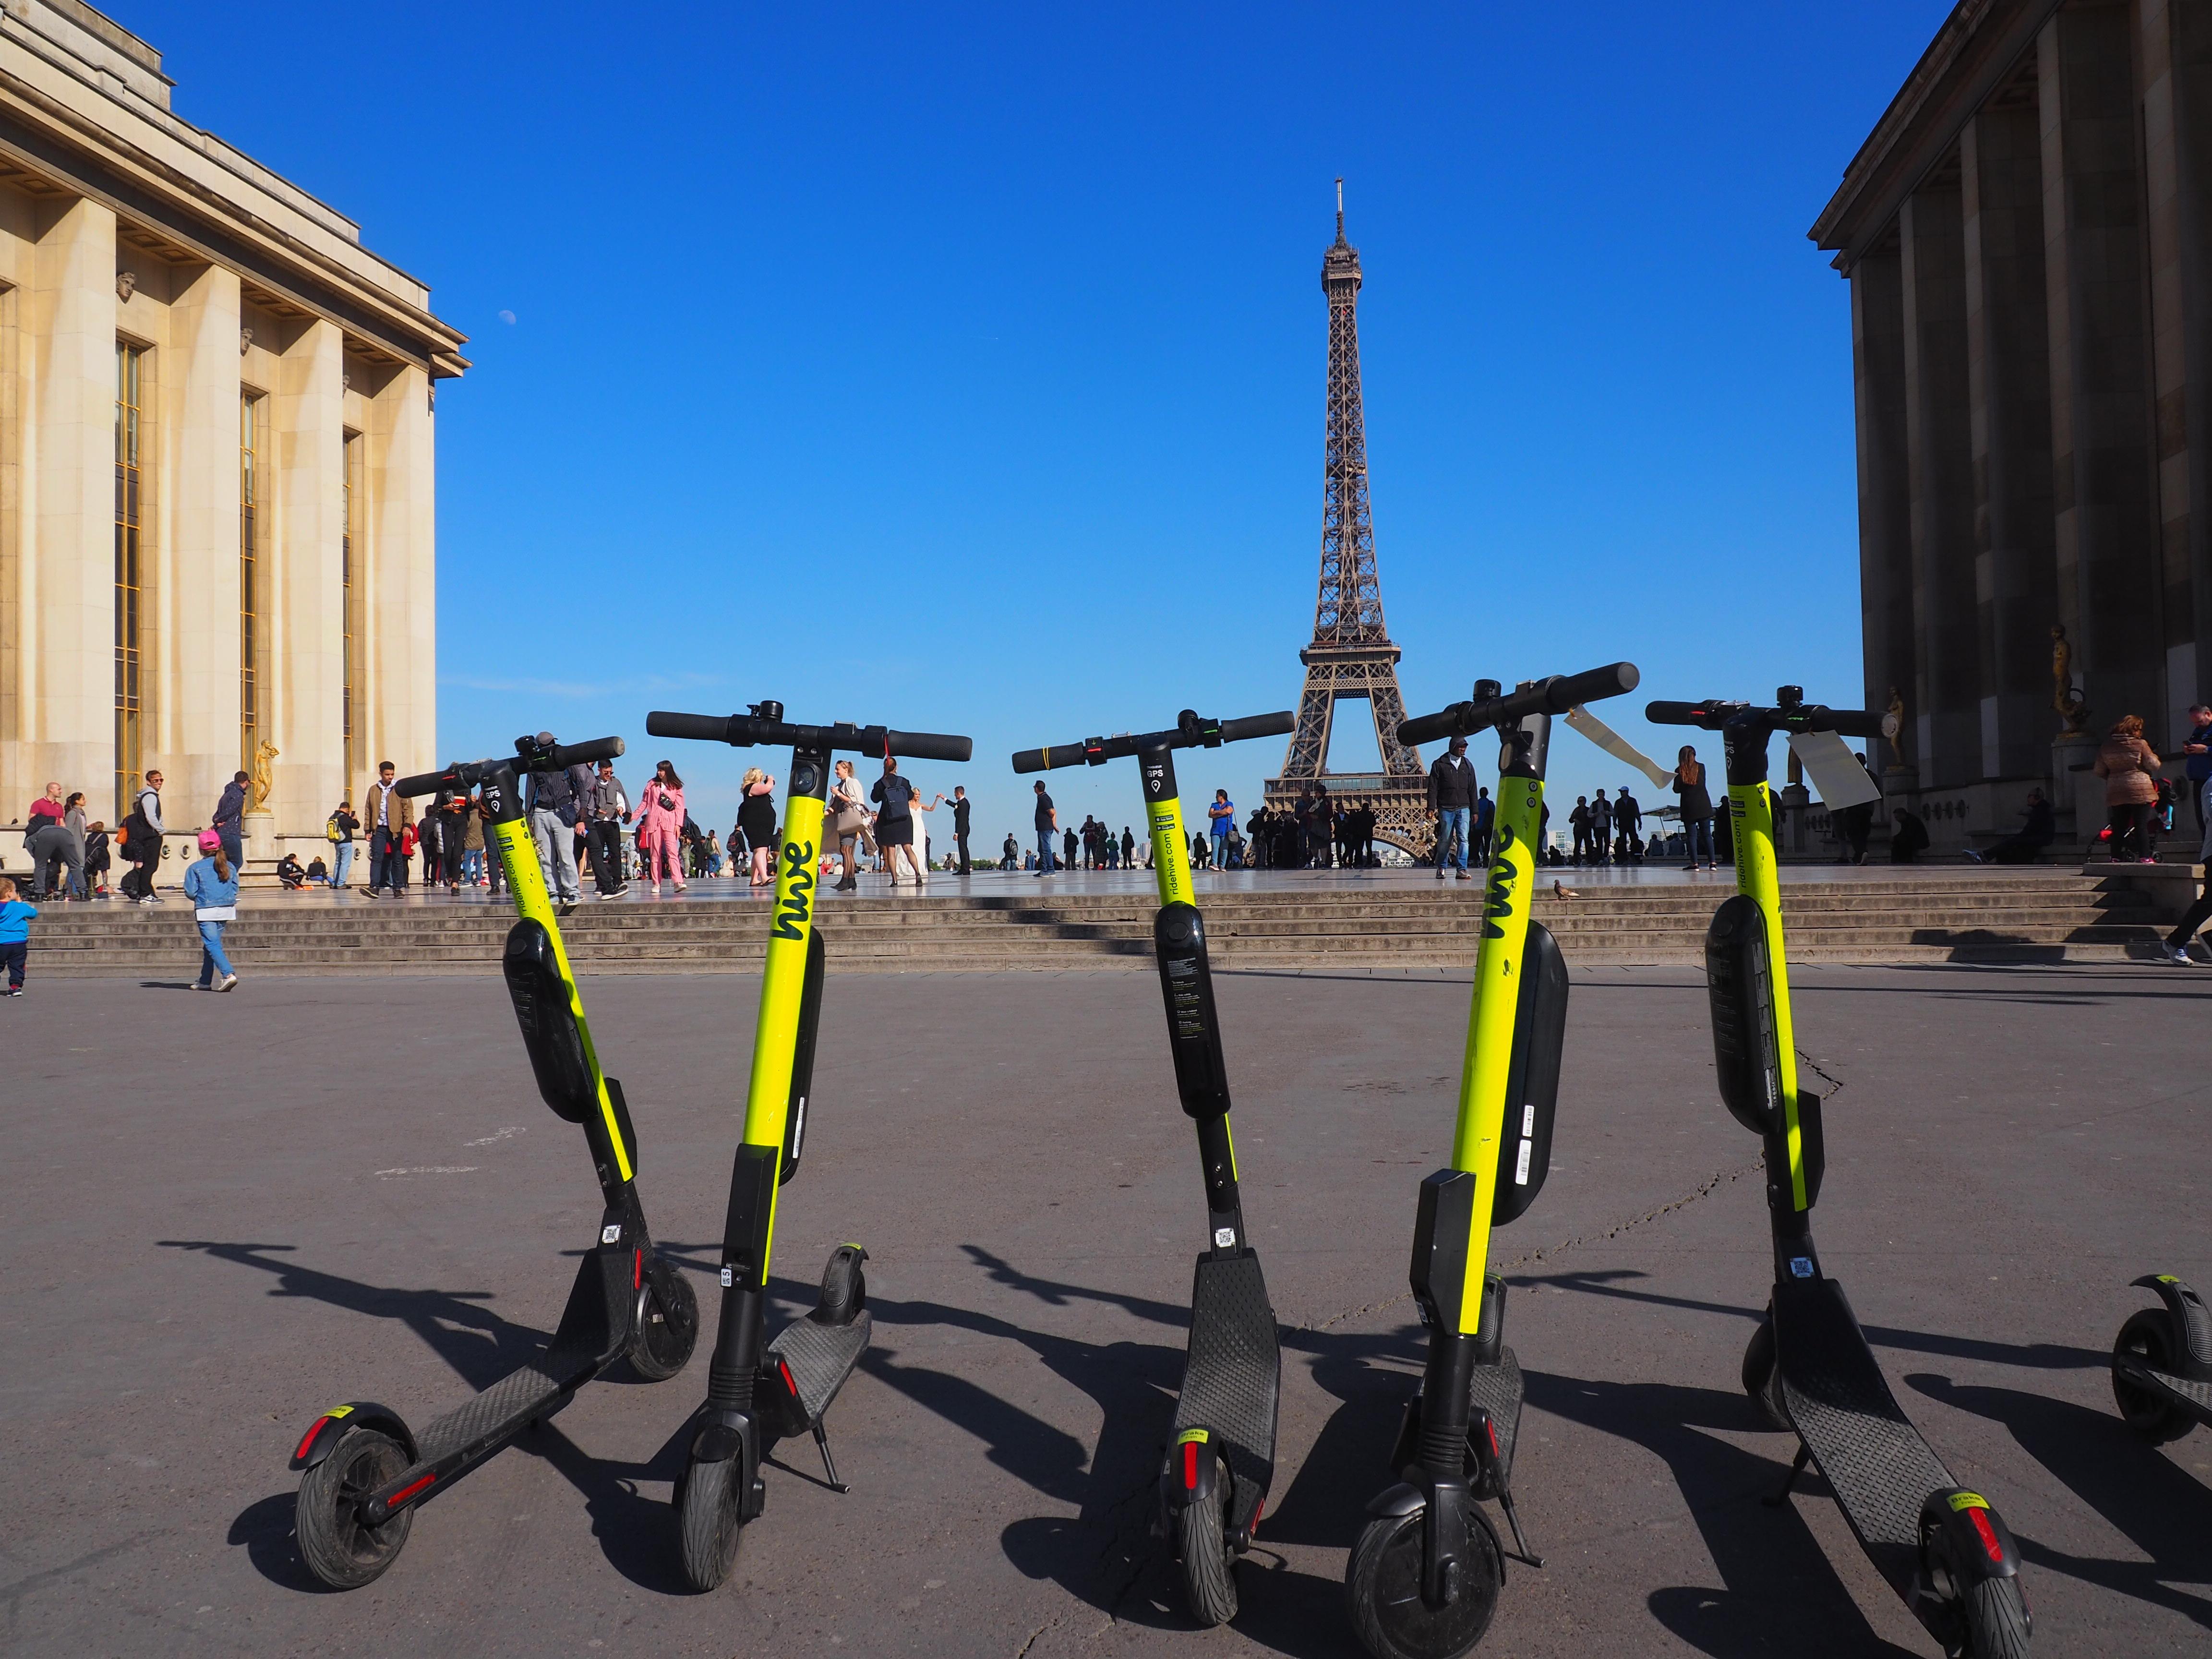 Párizsban már darabos hulladékként kezelik a rossz helyen hagyott elektromos rollereket